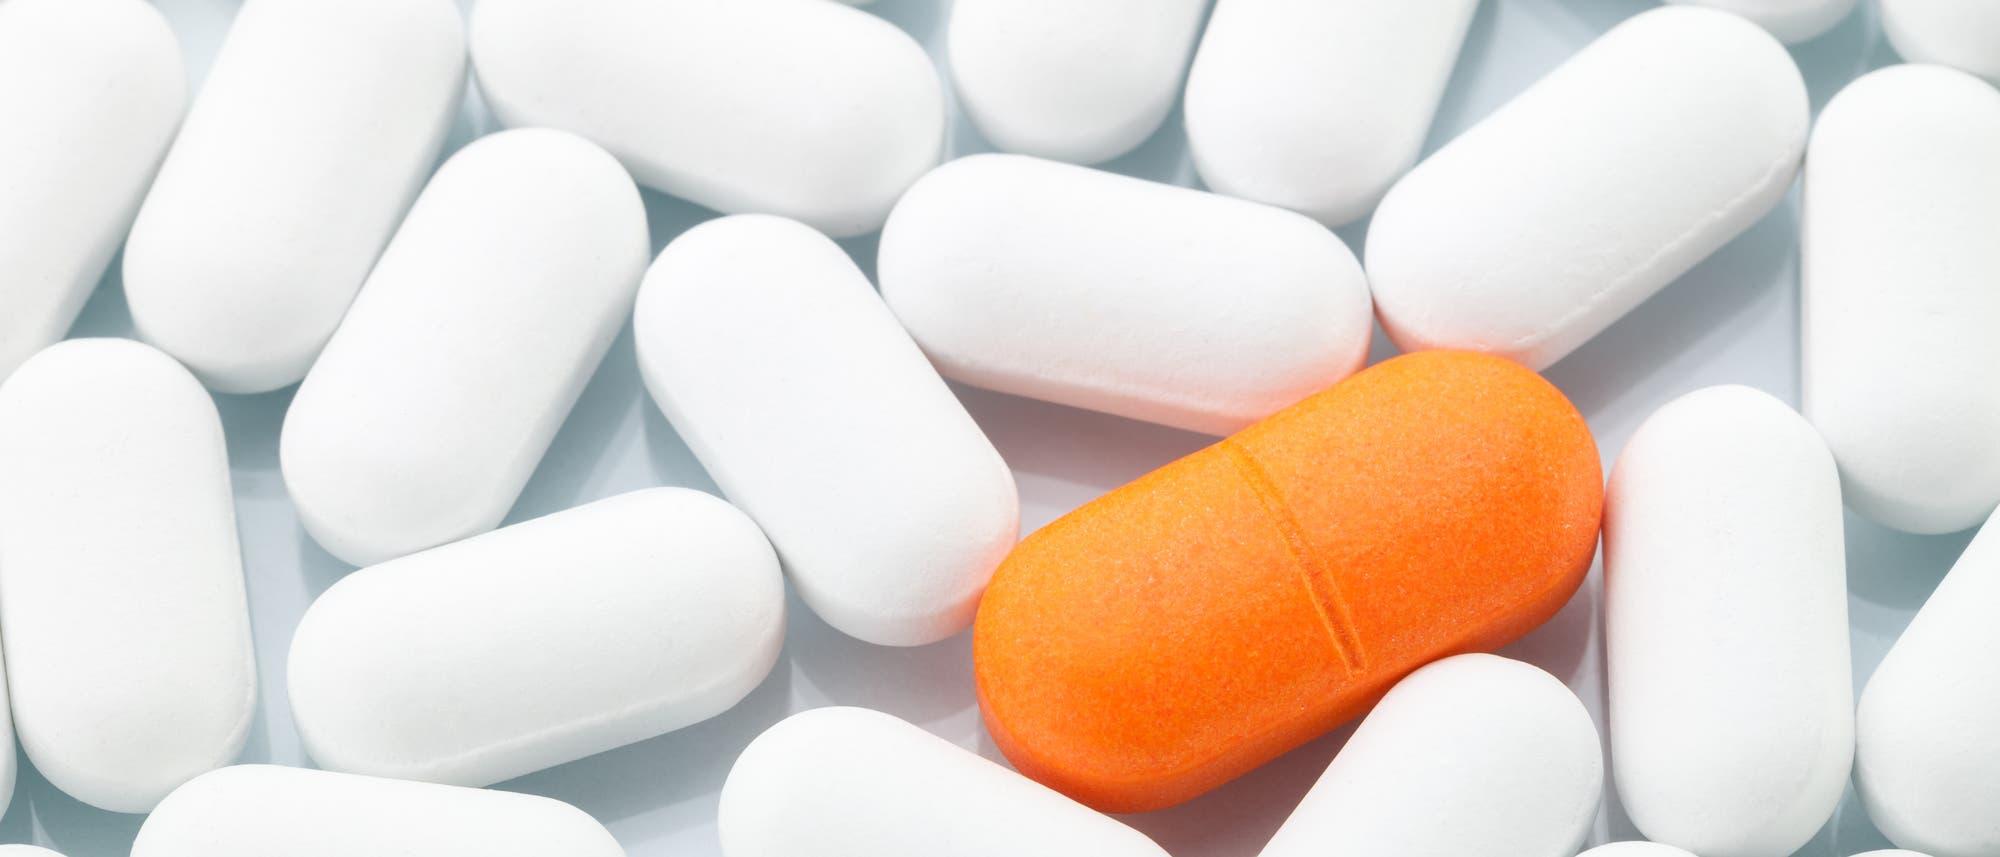 Eine Pille anders als die anderen - oder doch nicht?